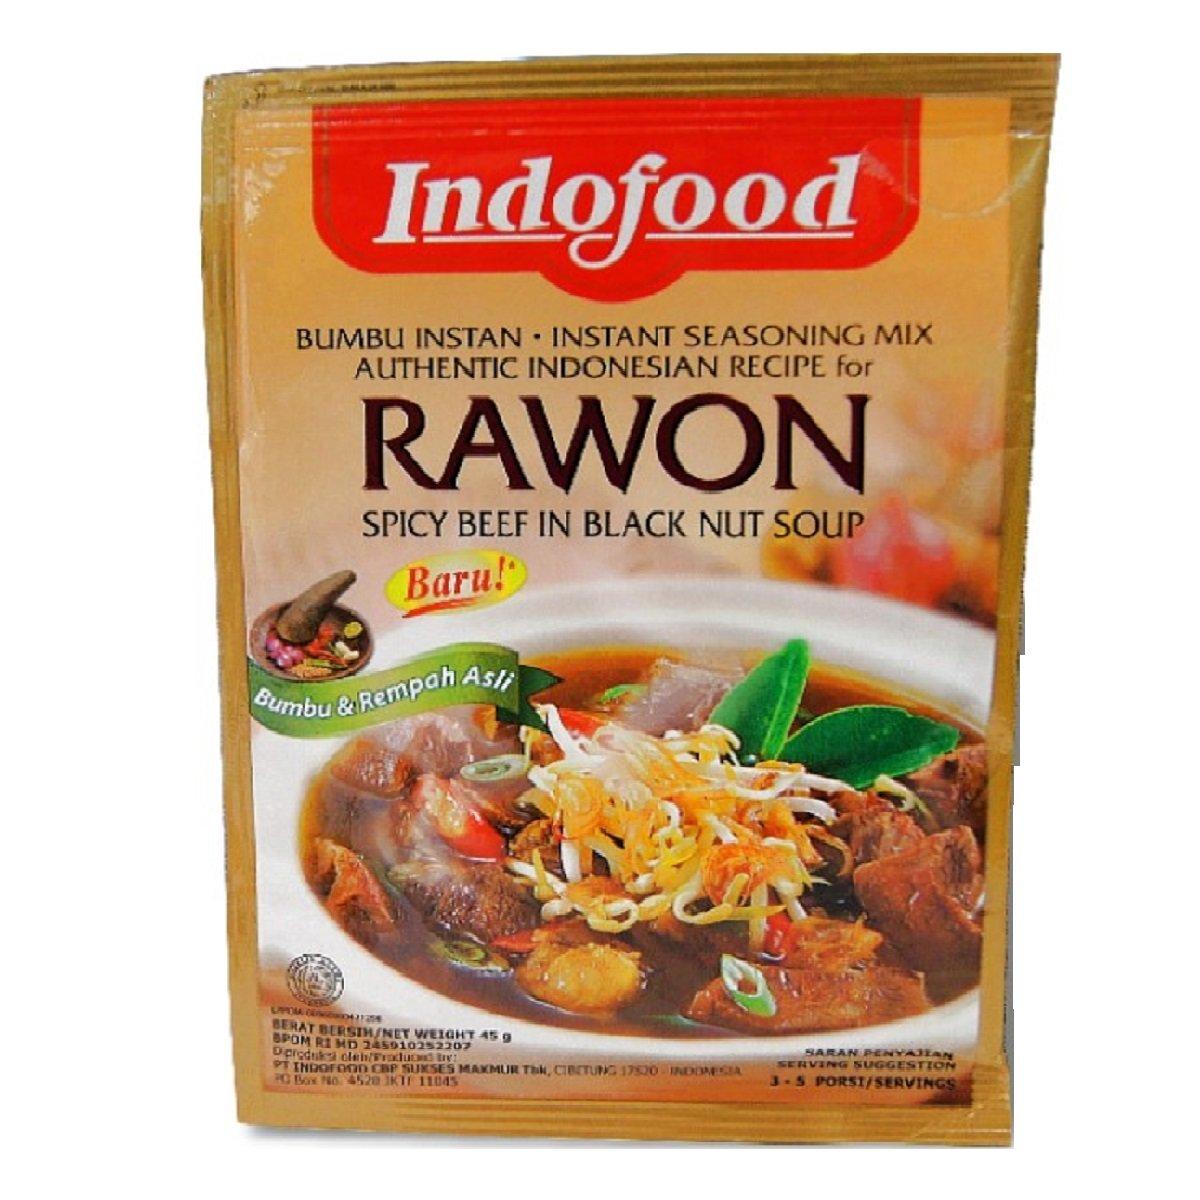 INDOFOOD INSTANT SEASONING RAWON (BOX)